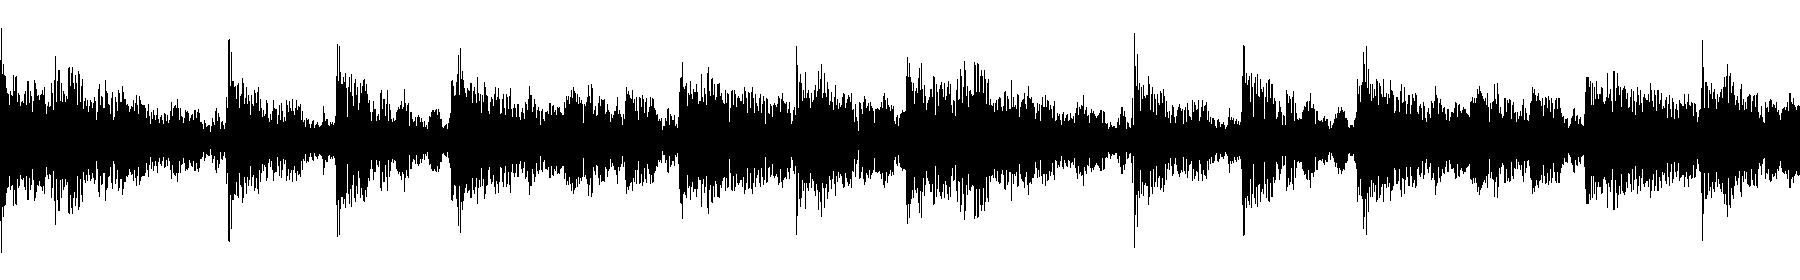 blbc cinedrumsa 95 01